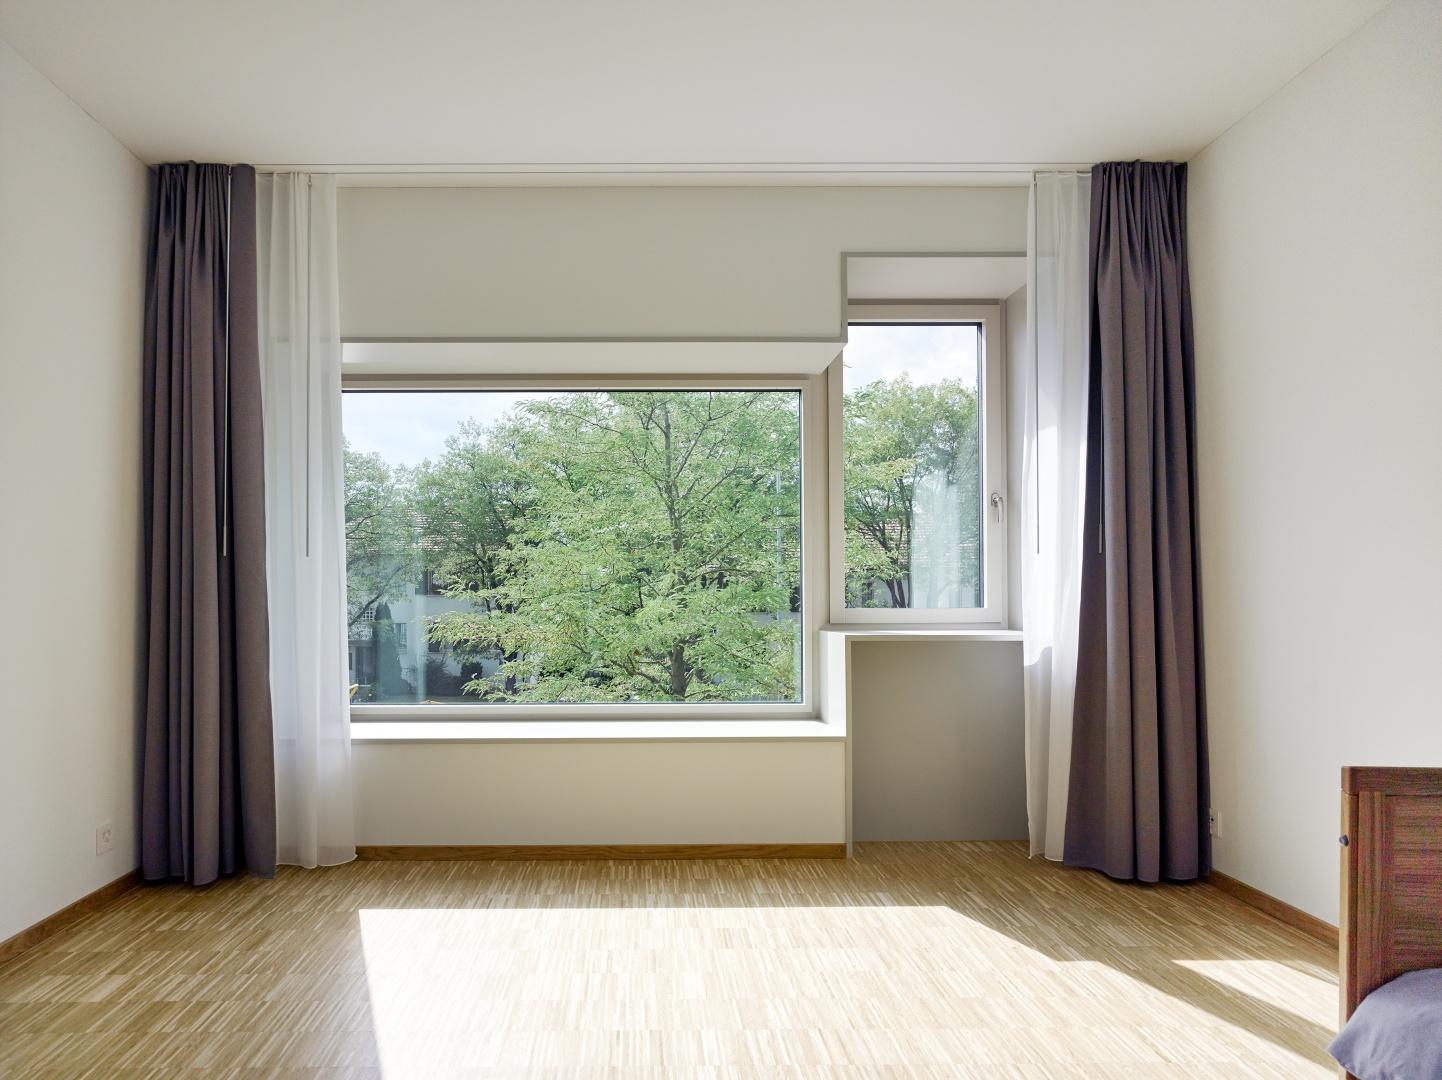 Standardzimmer mit Fensterkombination © Johannes Marburg